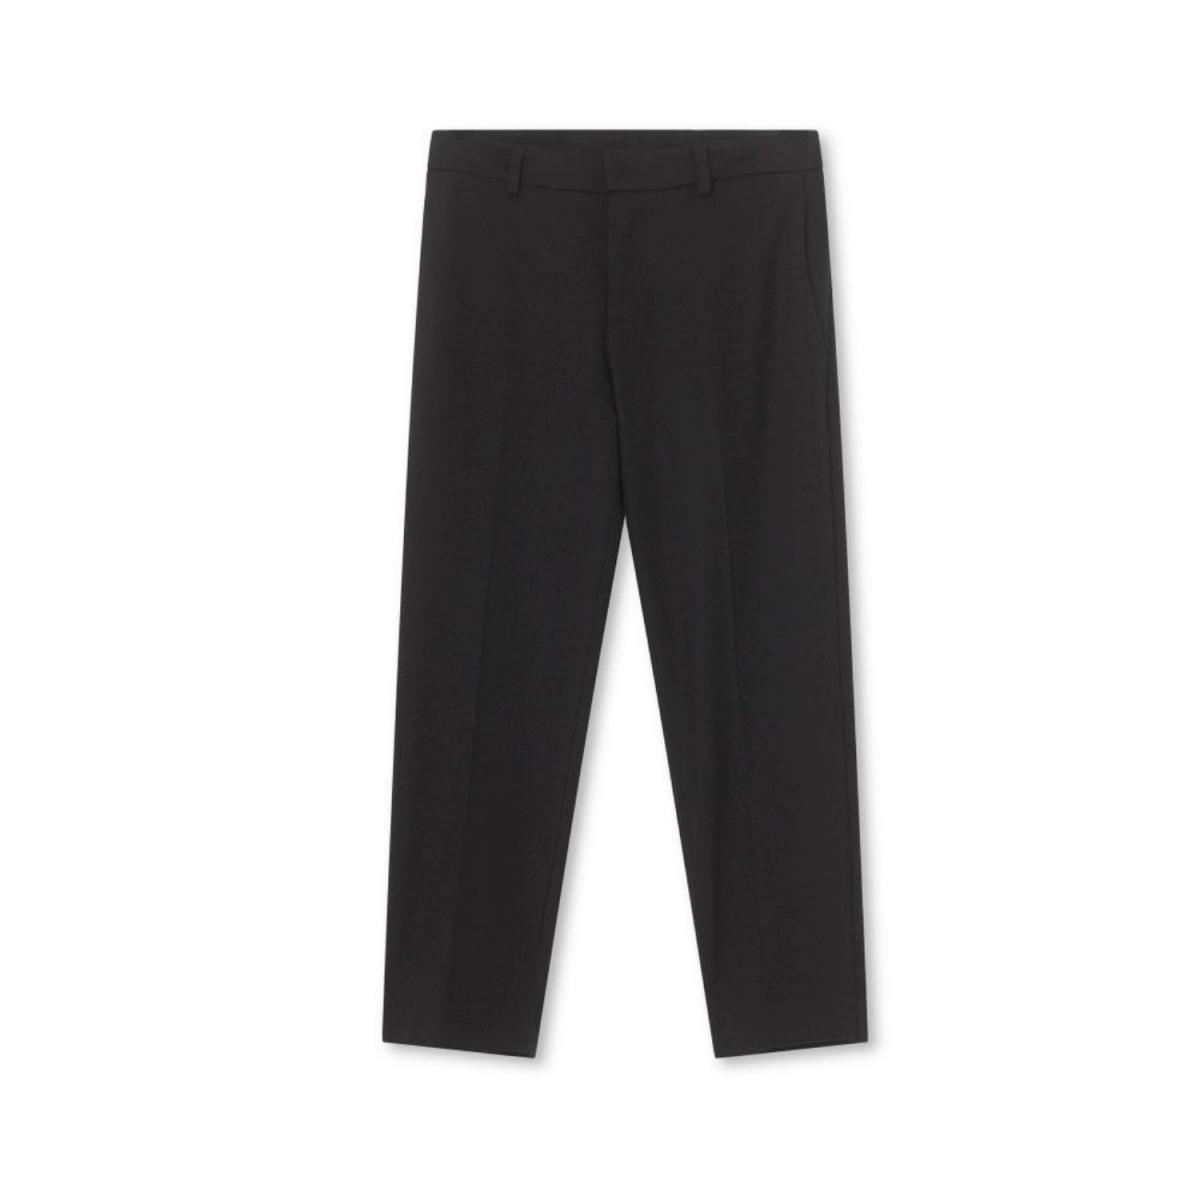 bella bukser - black